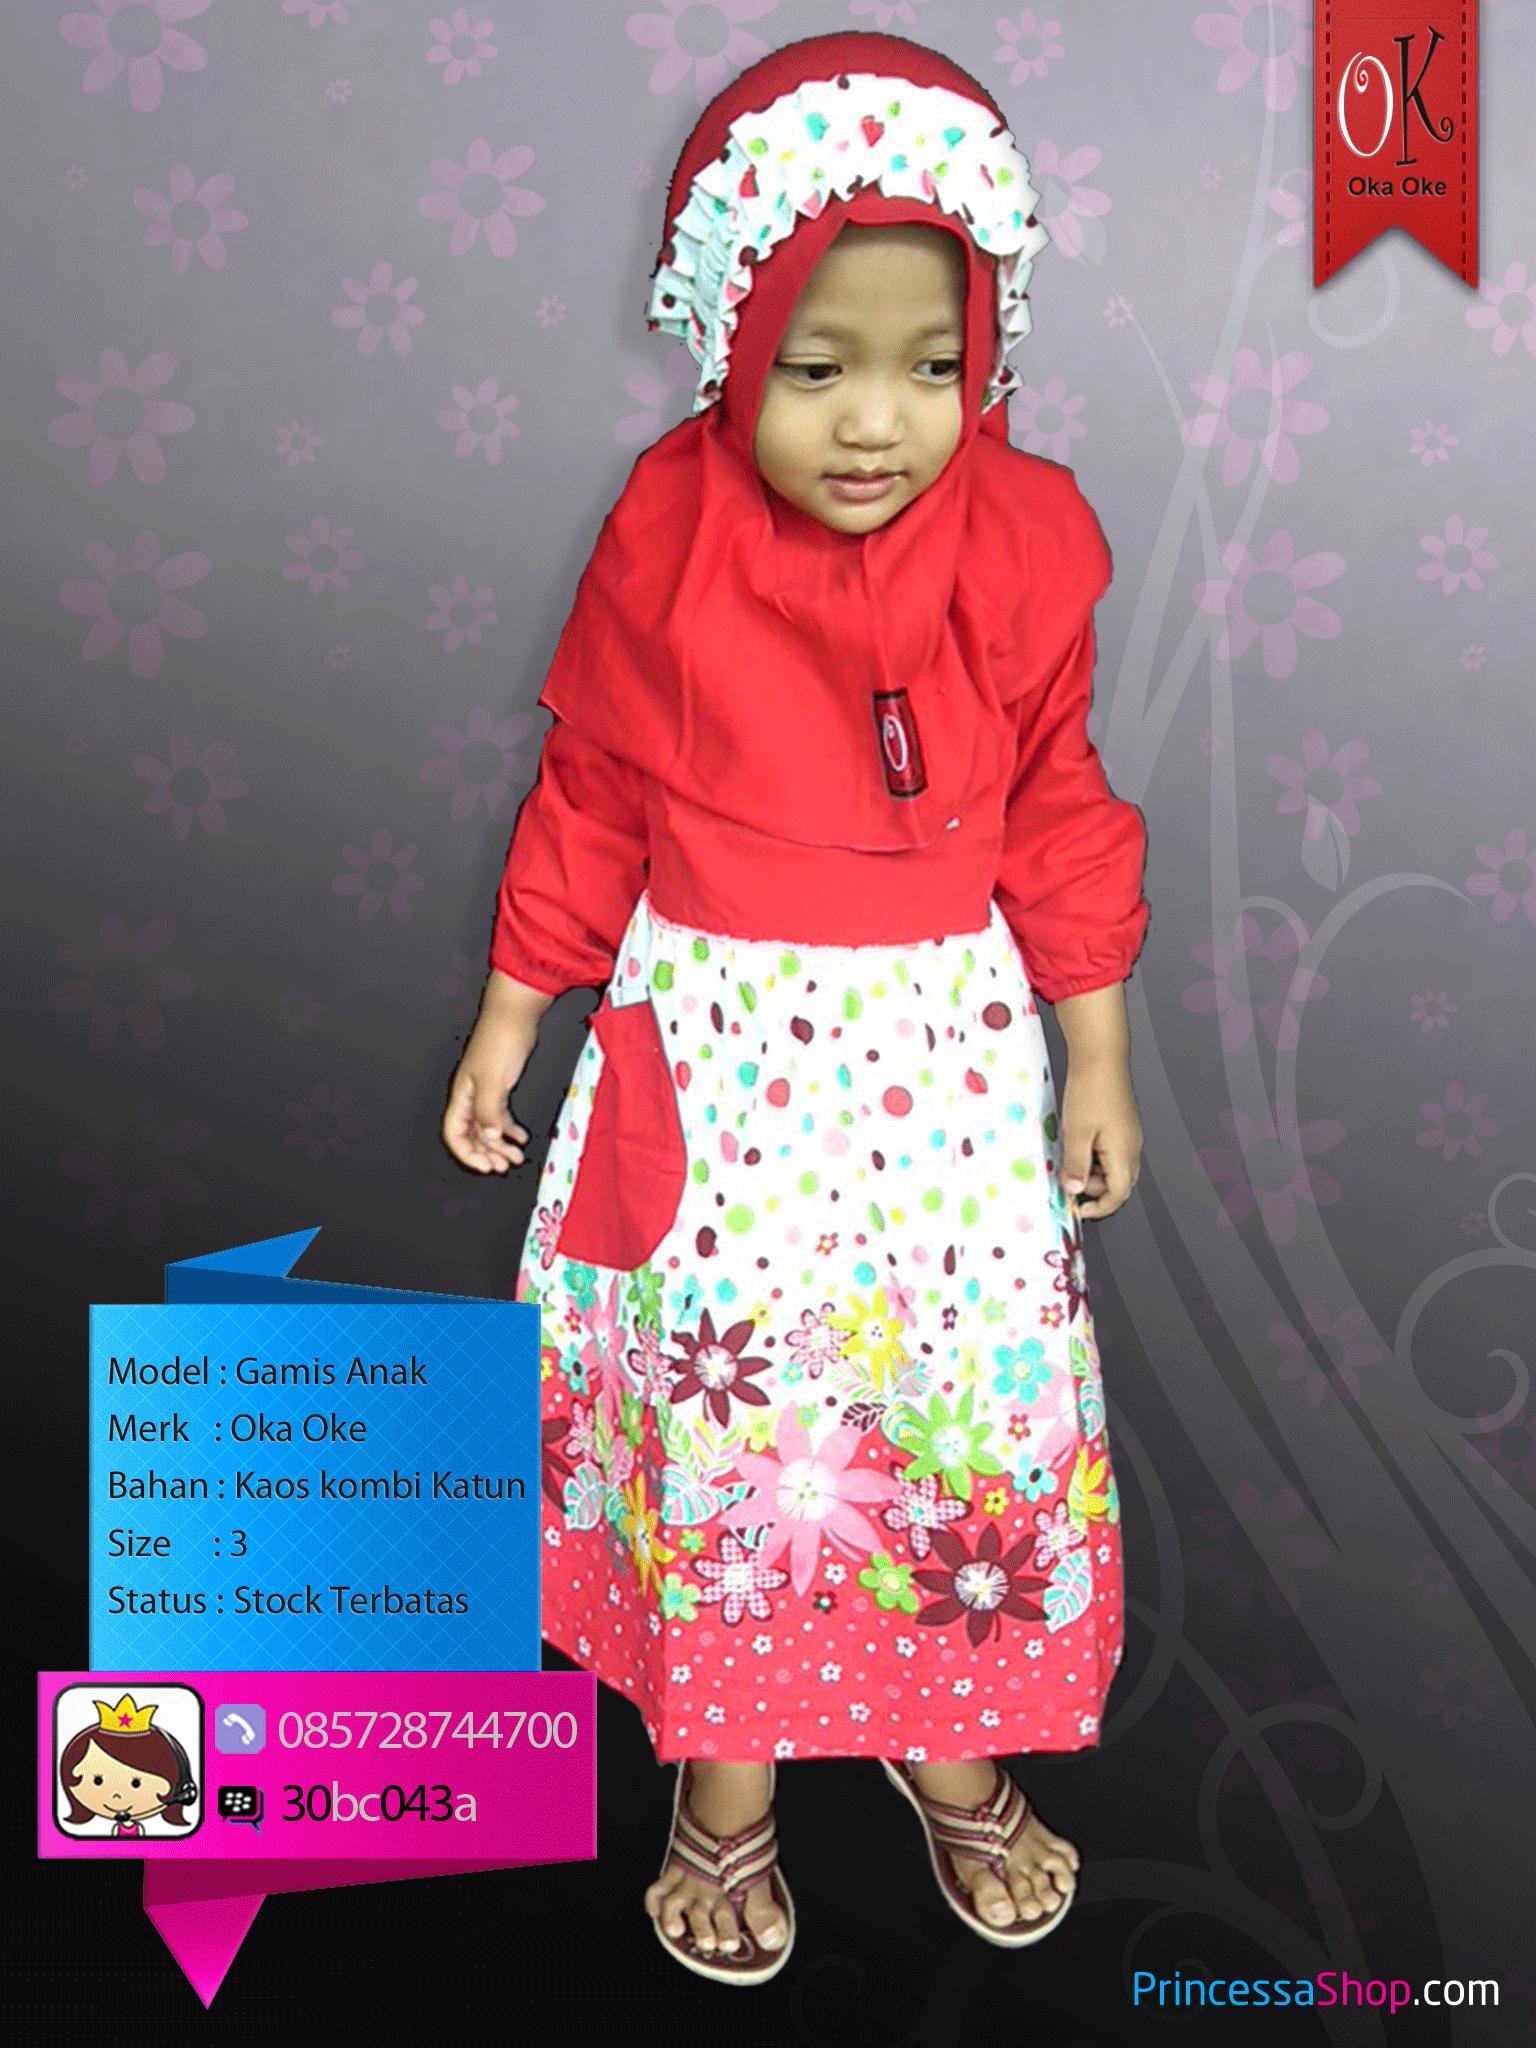 Baju Muslim Anak Oka Oke Model Ini Belum Dilengkapi Dengan Jilbab